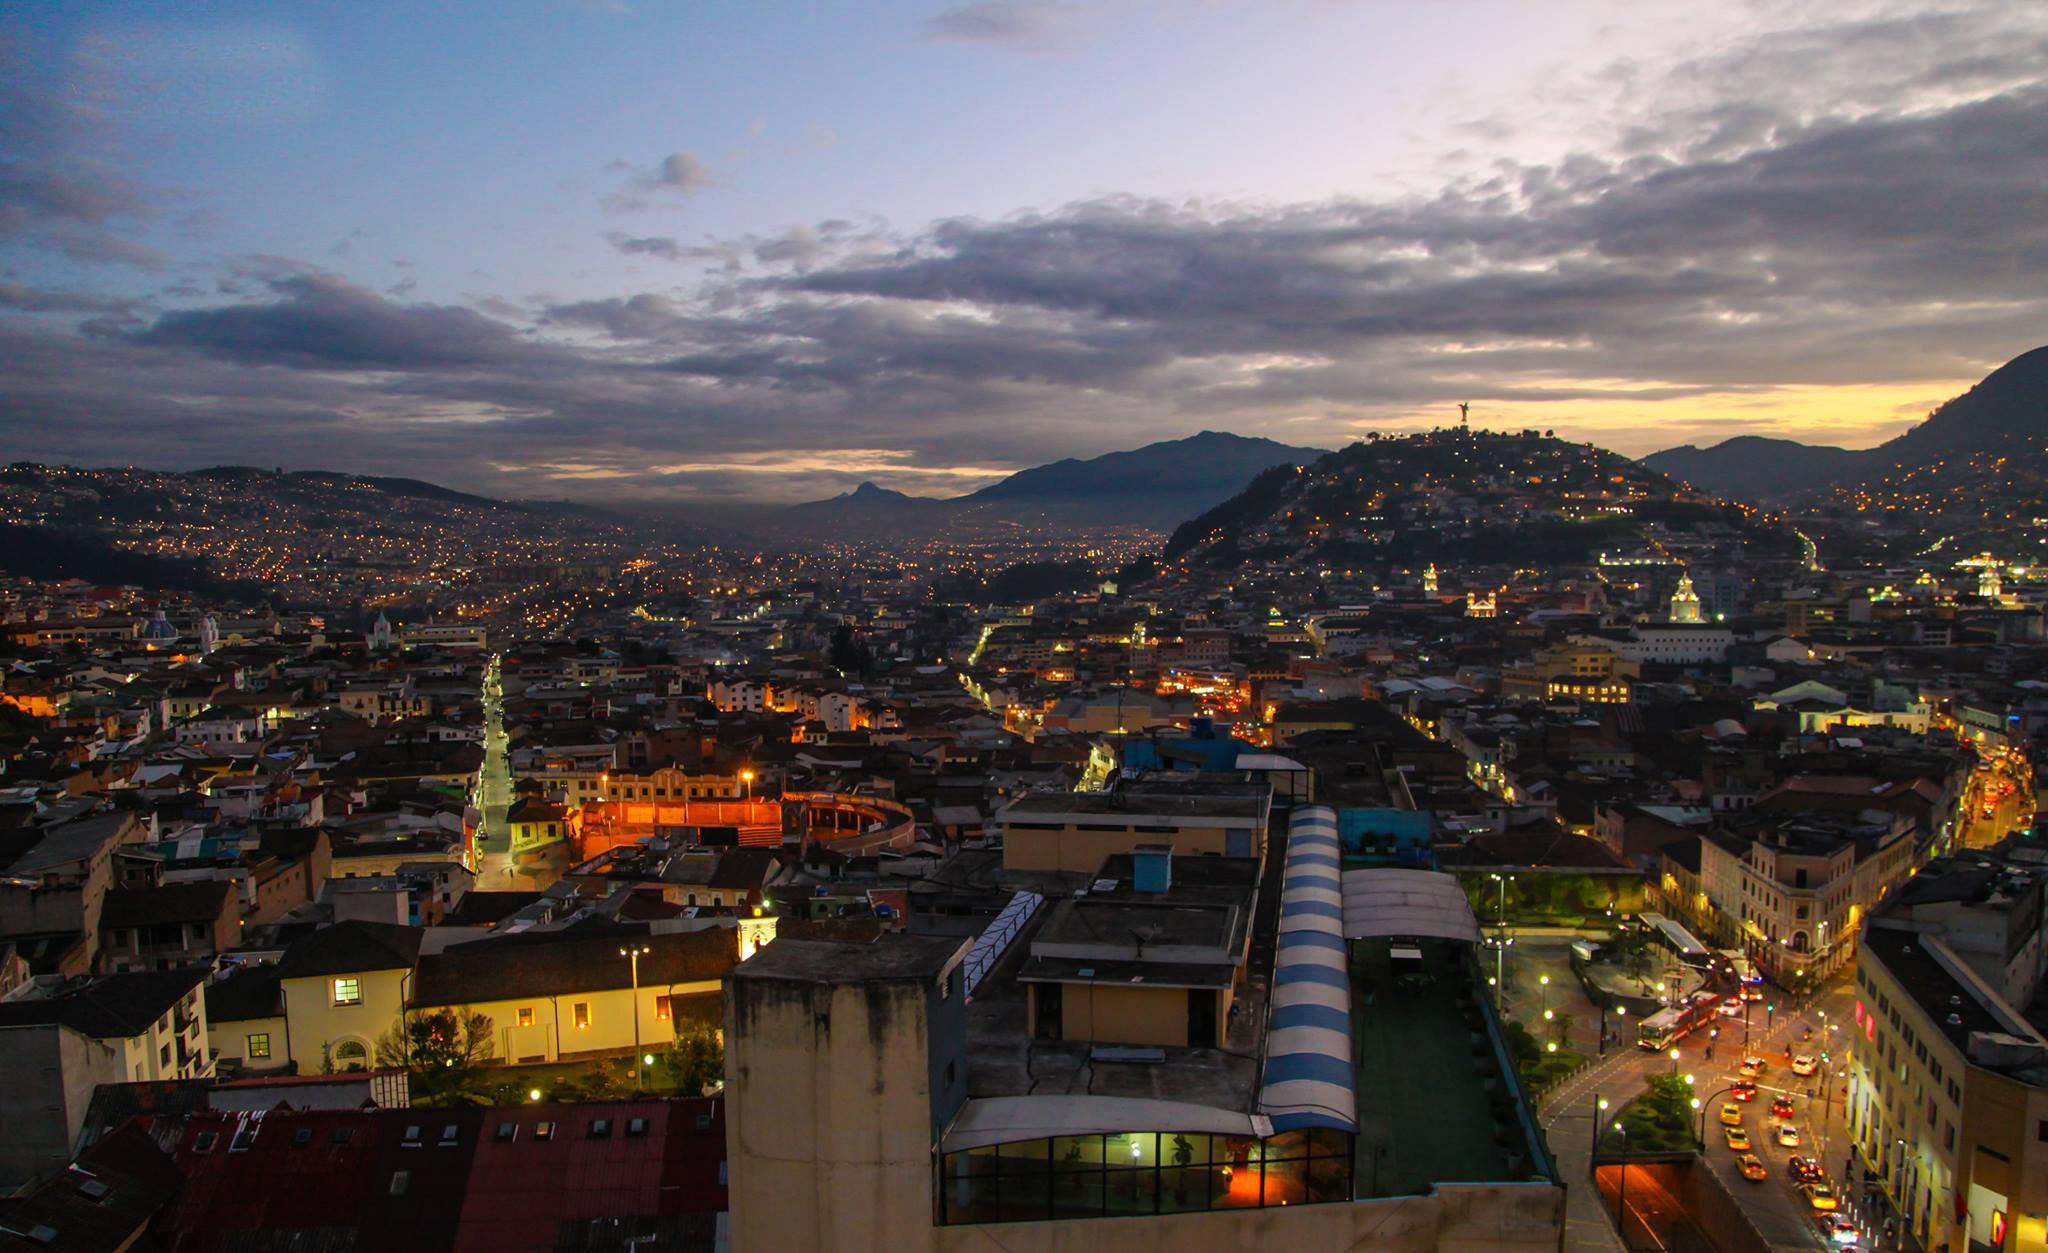 #FotoDelDía: Tomada en #Quito, #Ecuador, el cerro de El Panecillo es un emblema la ciudad. Foto: Alex Boas https://t.co/rouTeGo23a